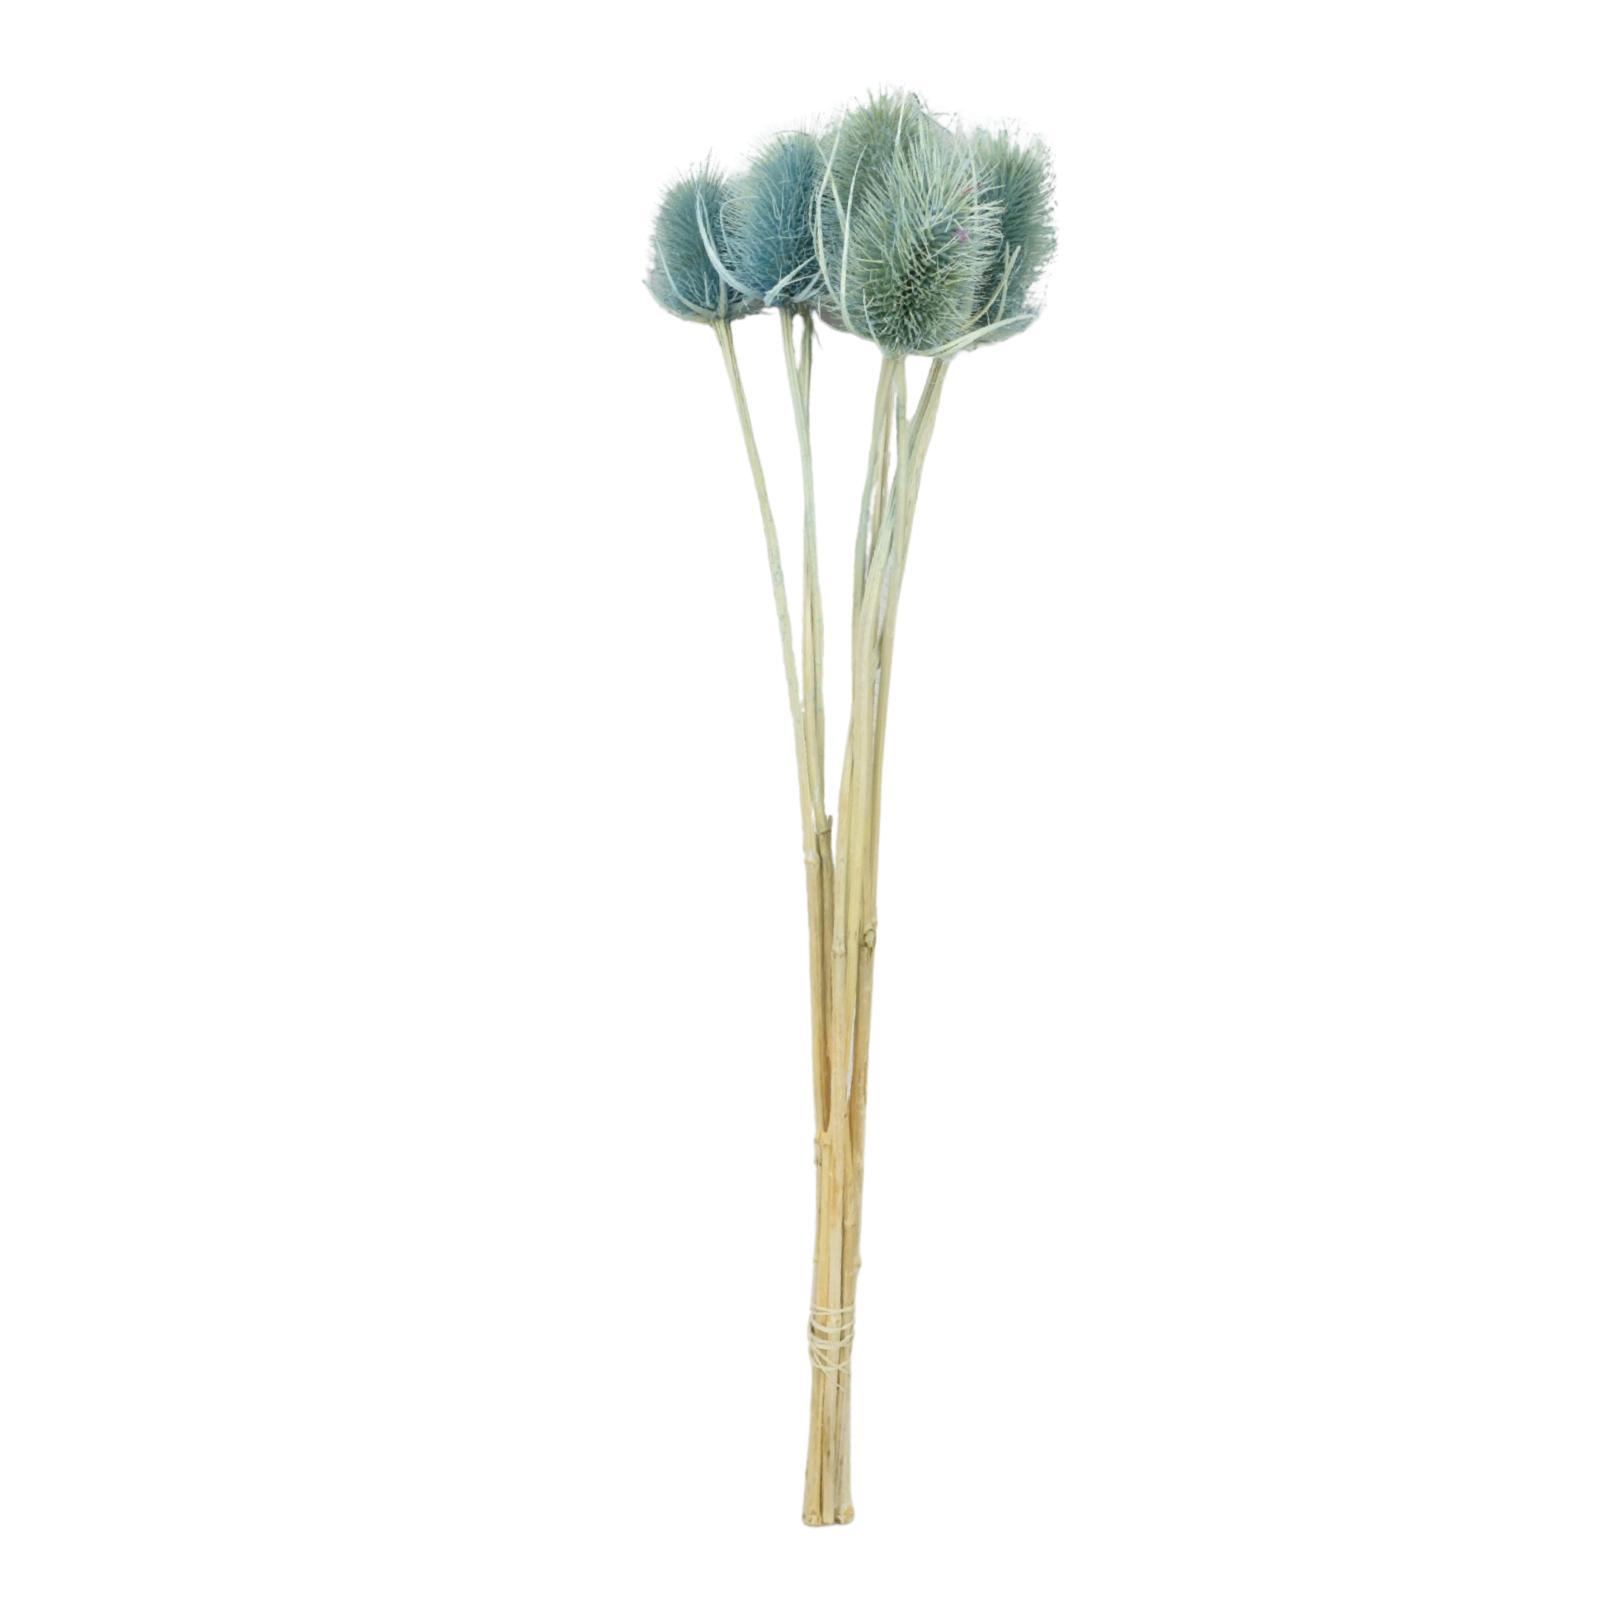 Dipsacus - Blue Wholesale Flowers